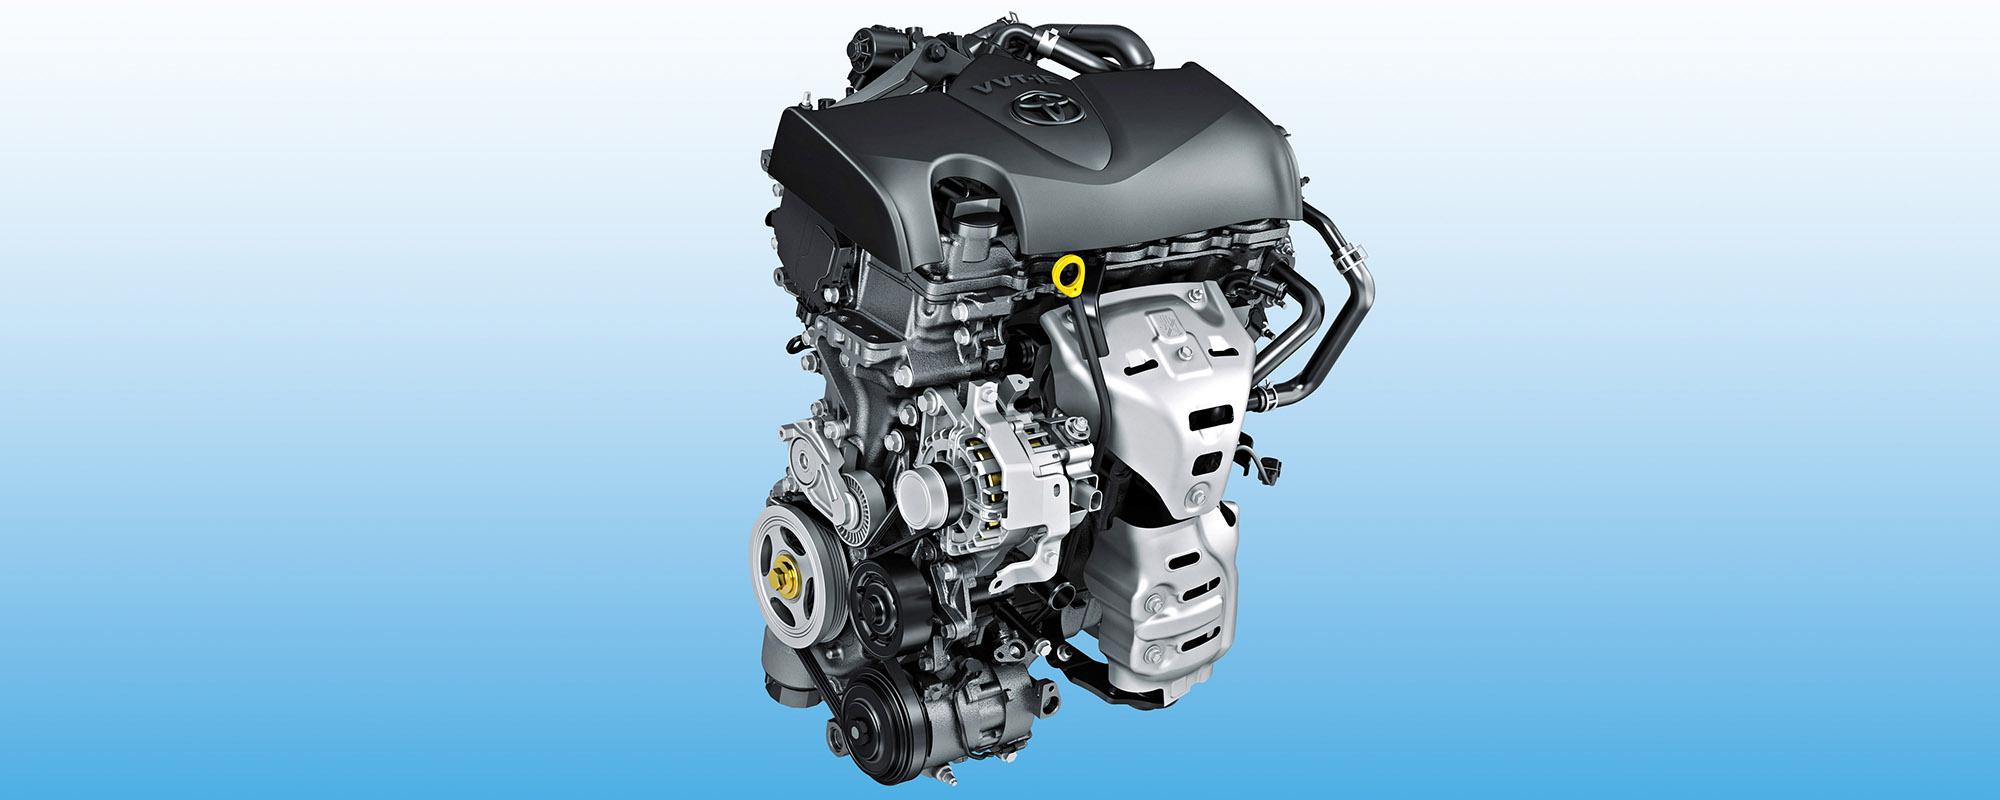 Geavanceerde, nieuwe 1,5 liter benzinemotor Toyota Yaris voldoet aan Euro 6c